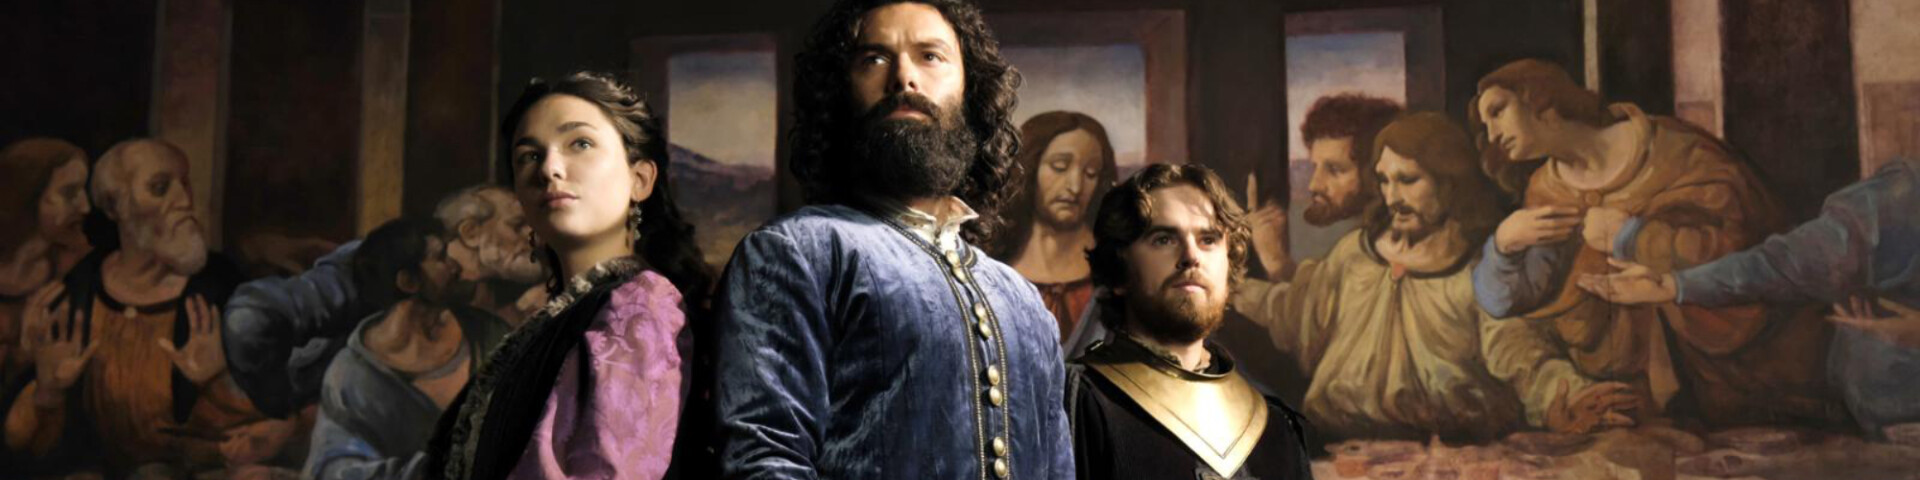 Replica in TV: quando e dove rivedere la serie Leonardo